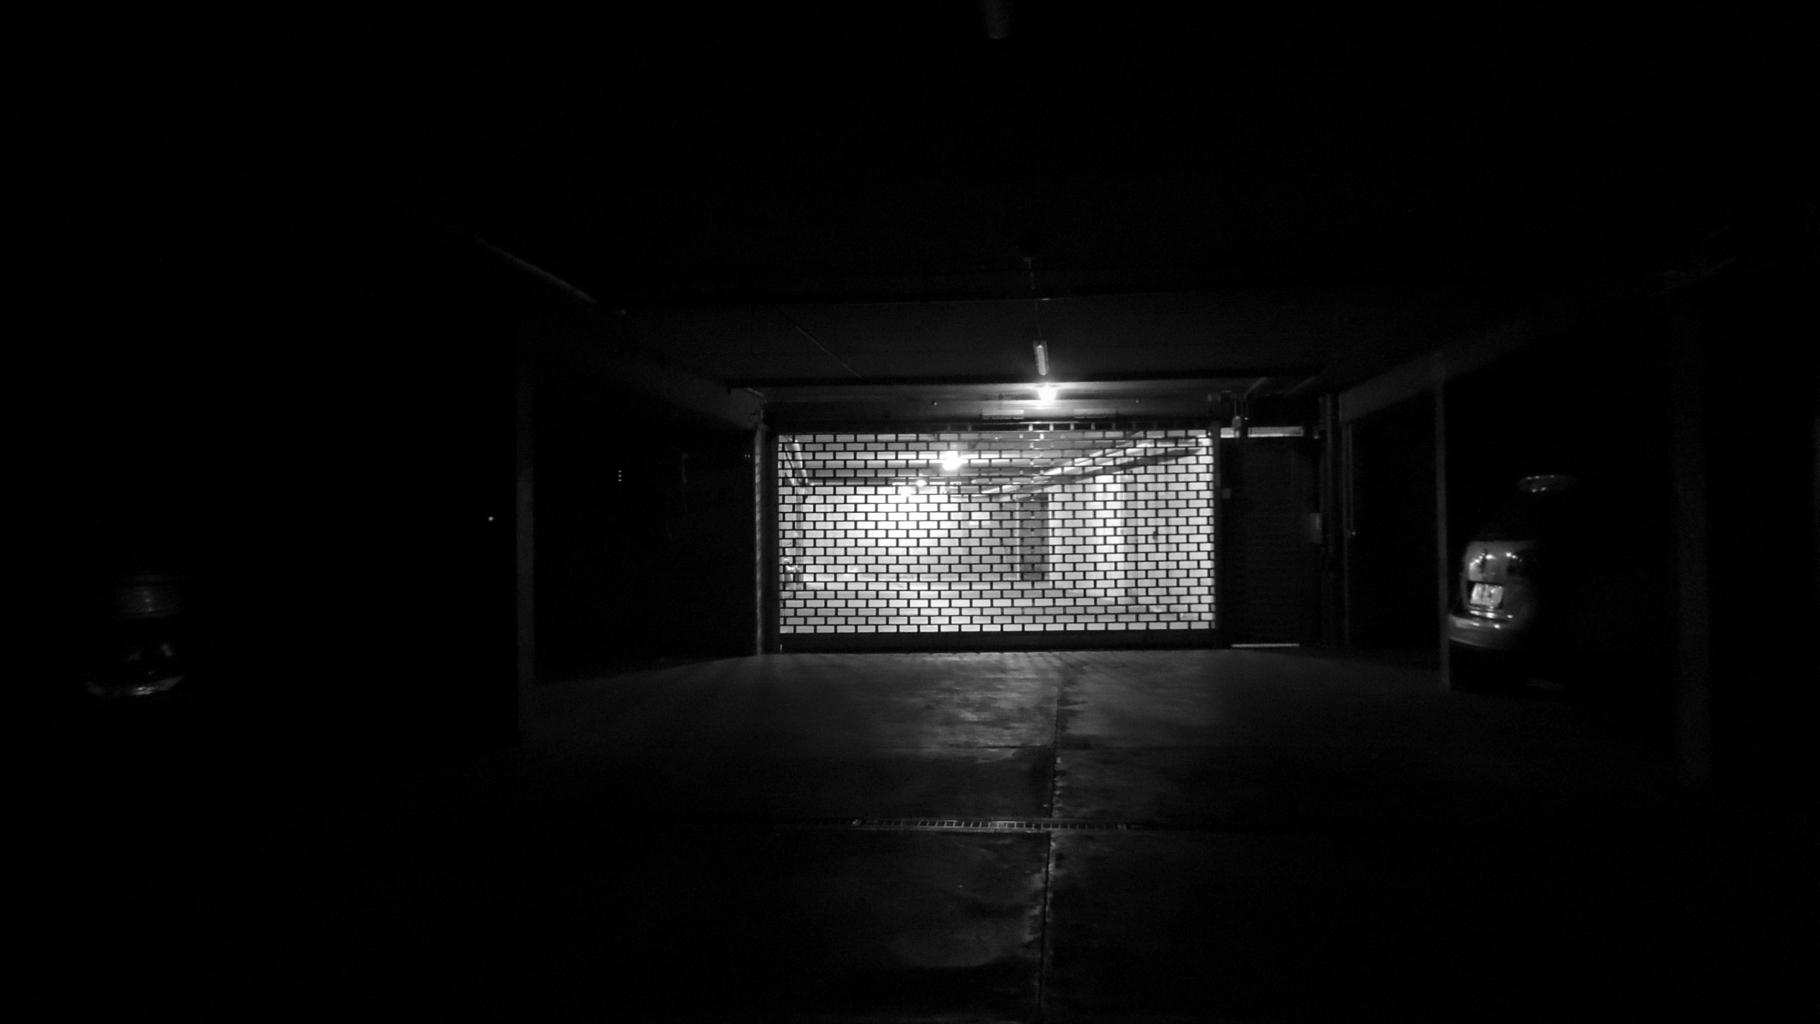 Tiefgaragen-Nachtaufnahme